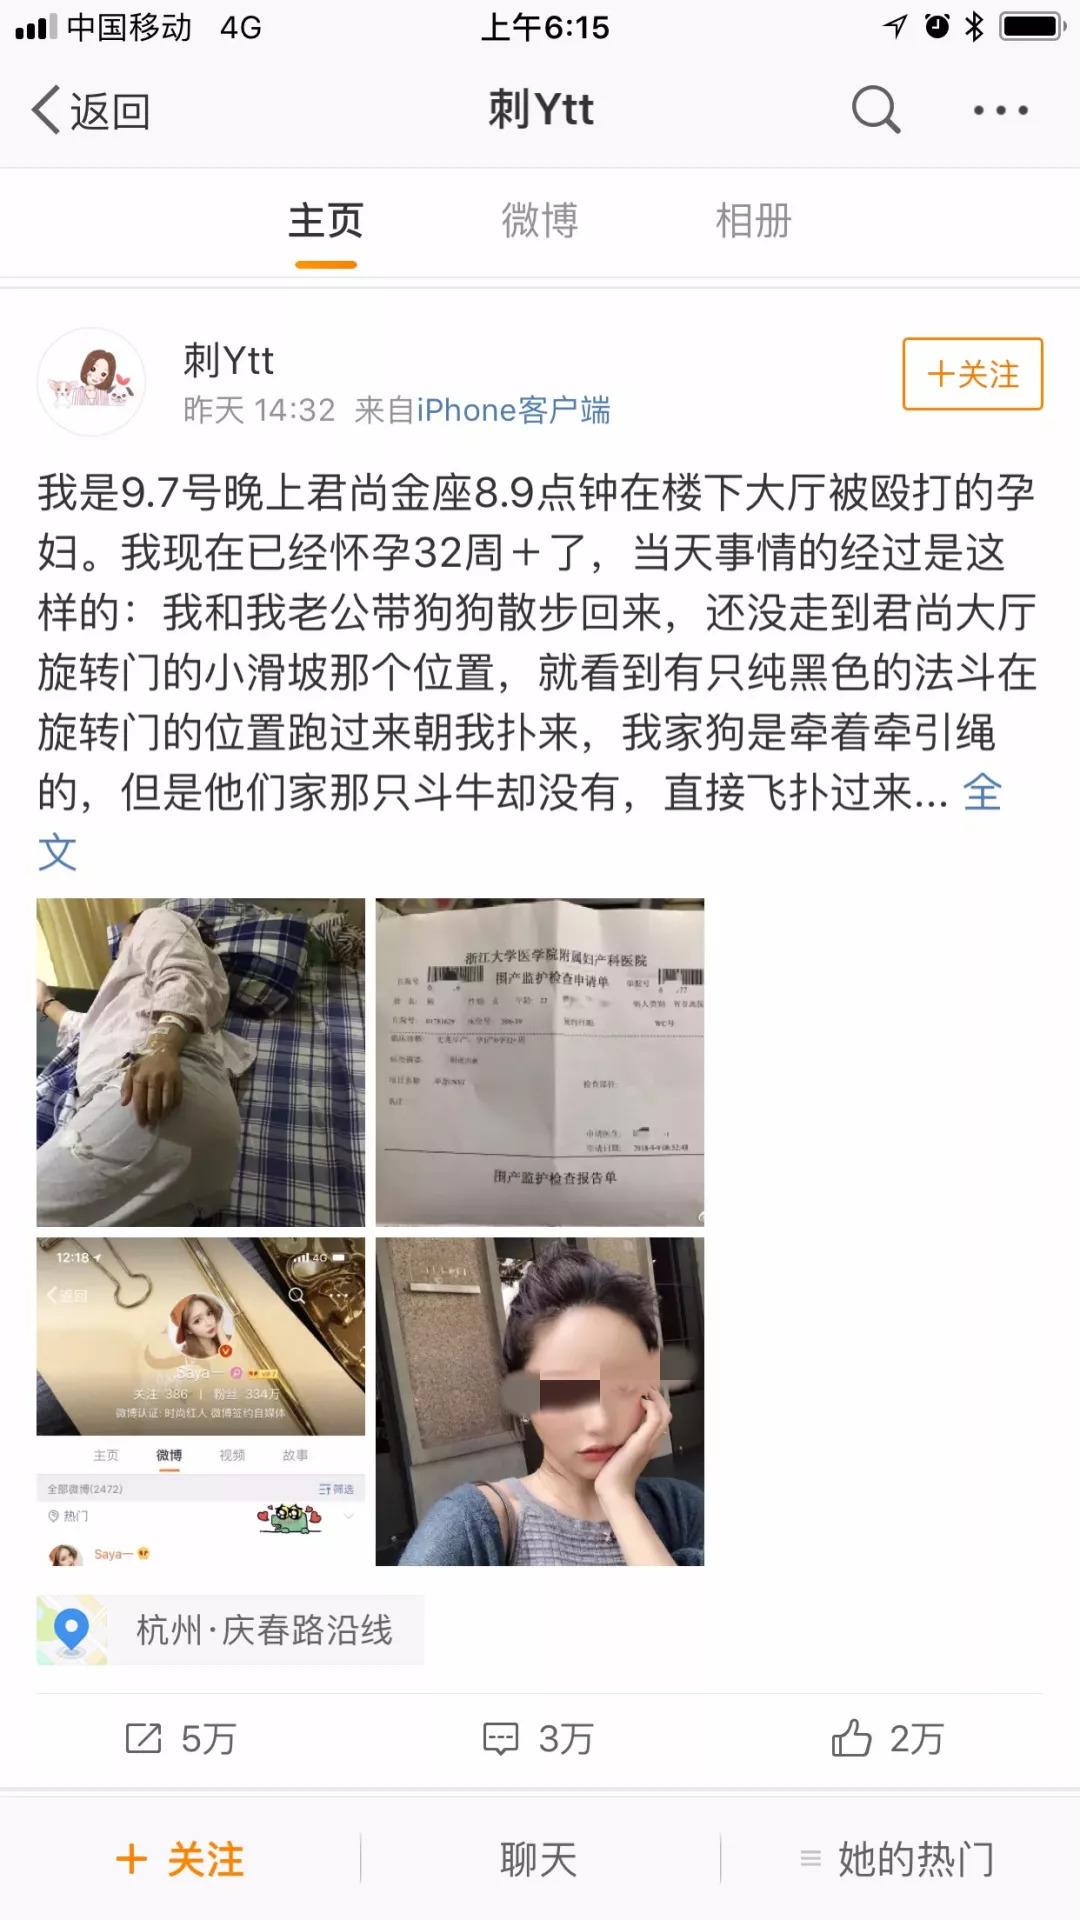 网红当街殴打孕妇!警方凌晨发布最新通报:违法行为基本查清;其母已被行政拘留